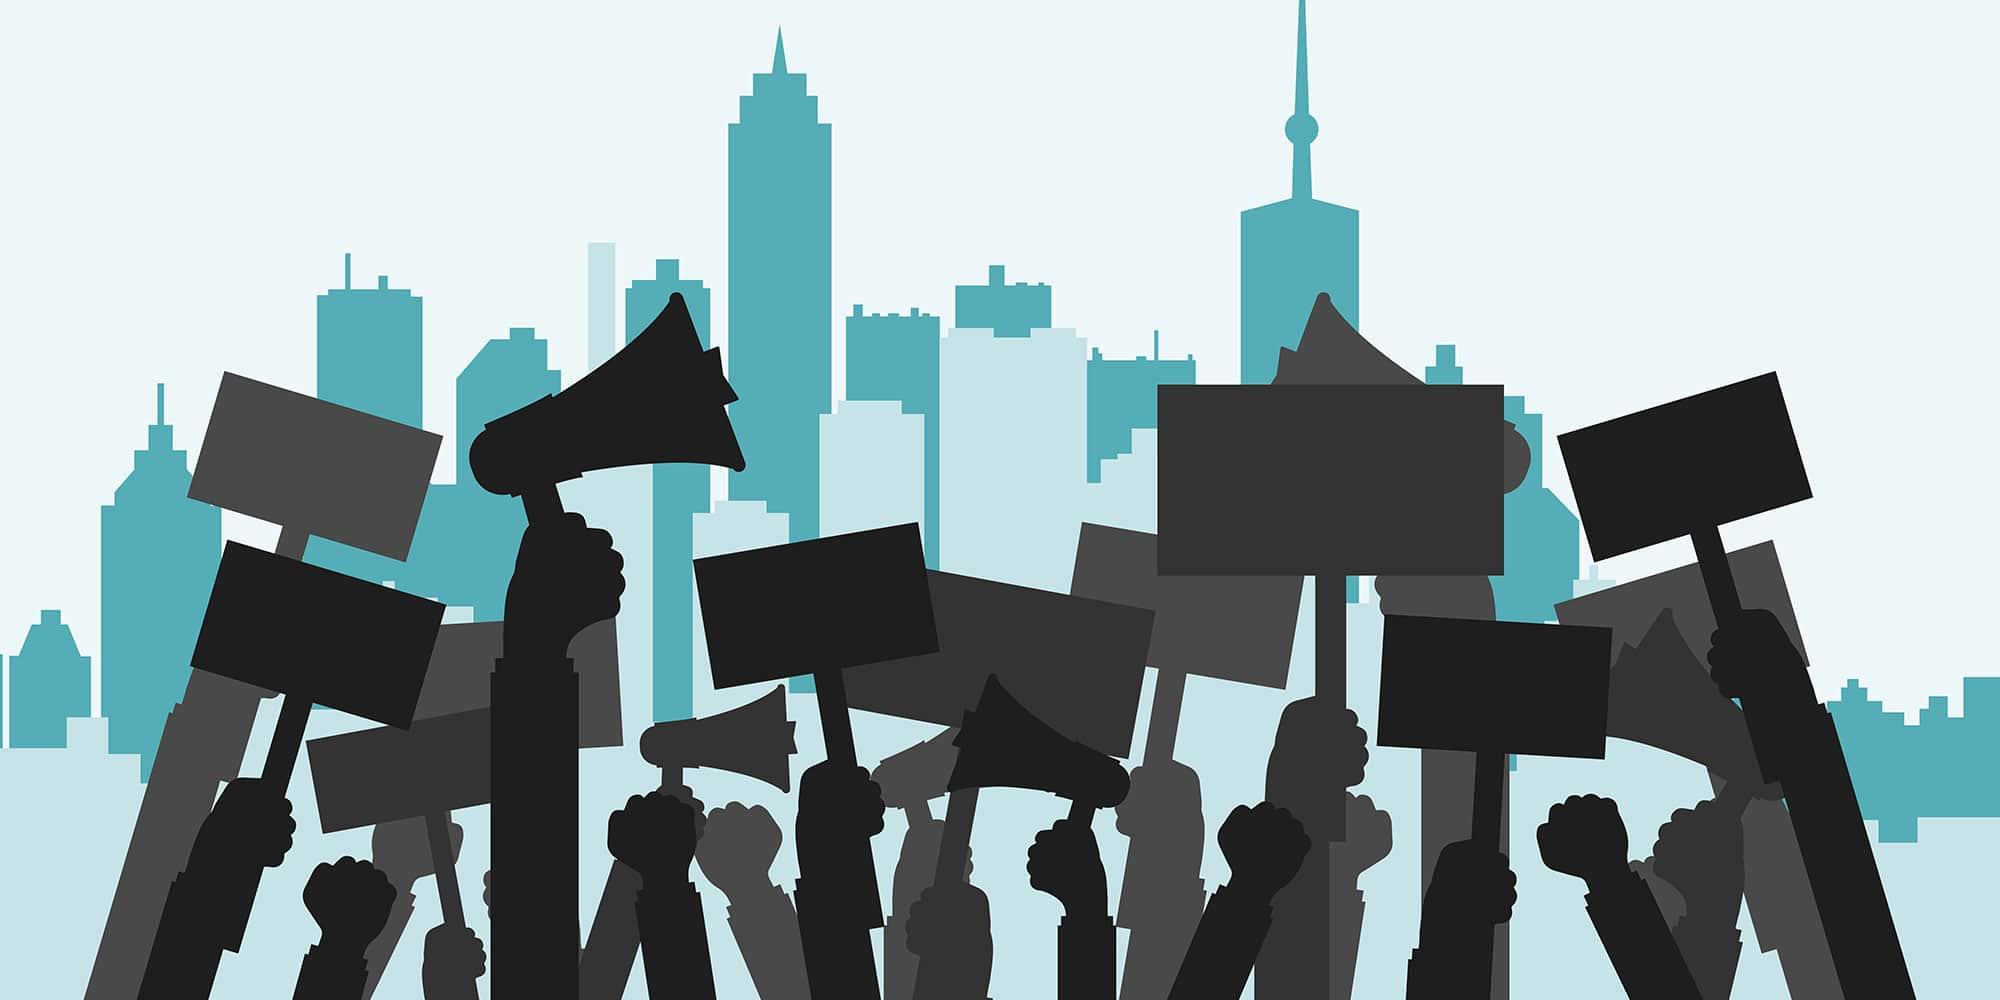 Ilustrasi Demo Masyarakat Kepada Pemerintah